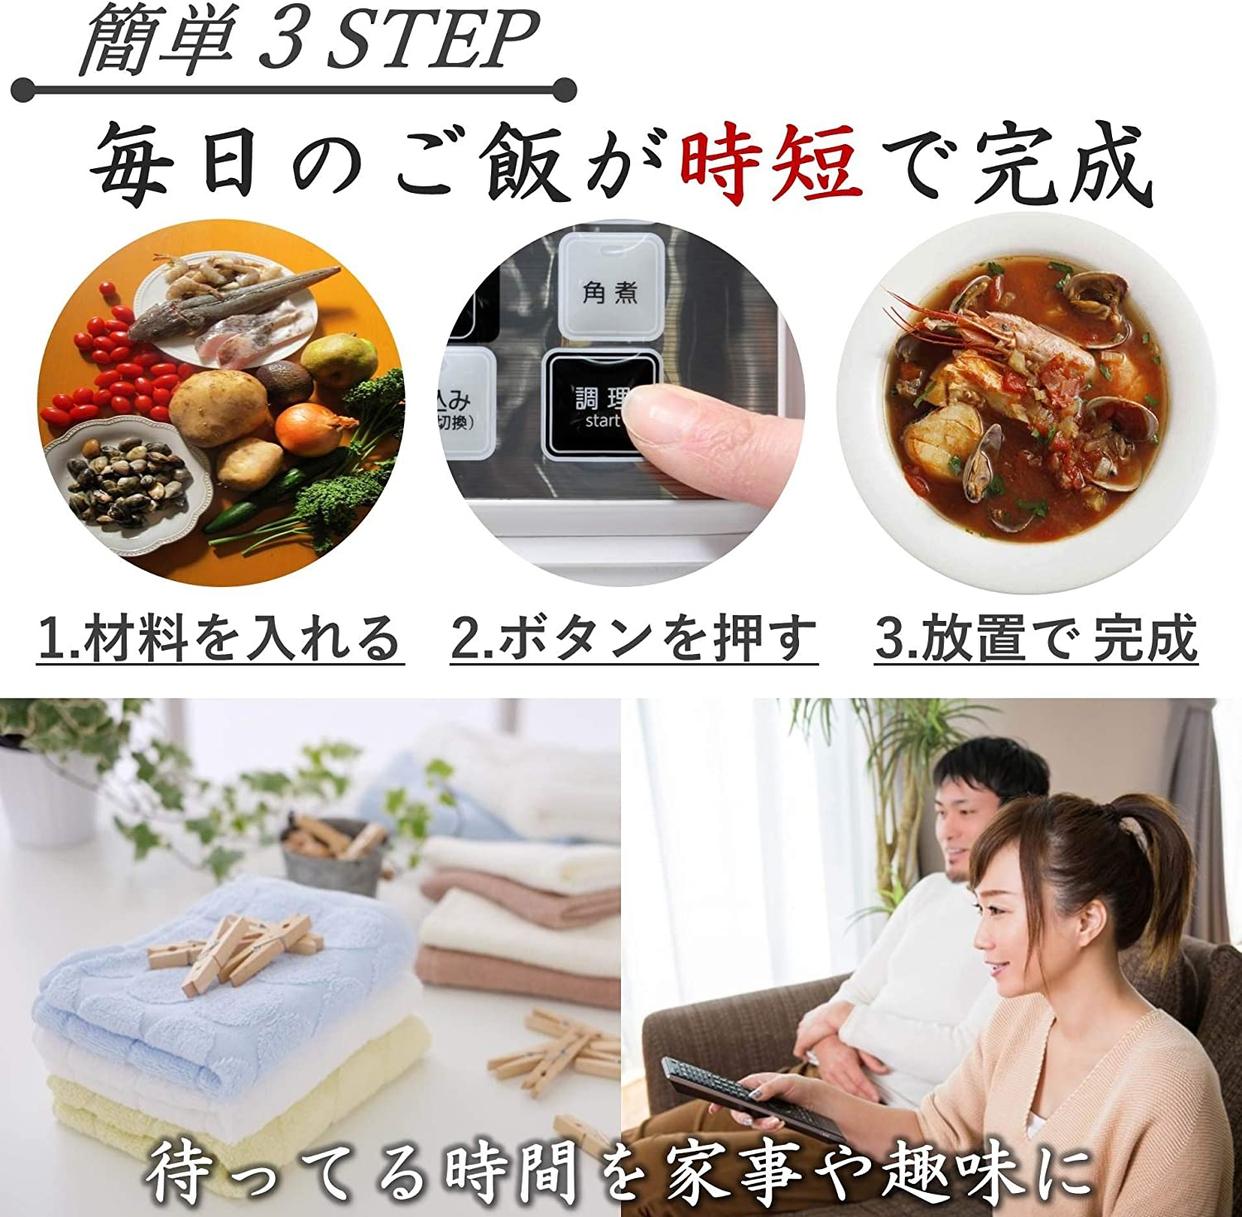 山善(YAMAZEN) 電気圧力鍋 EPCA-250Mの商品画像3